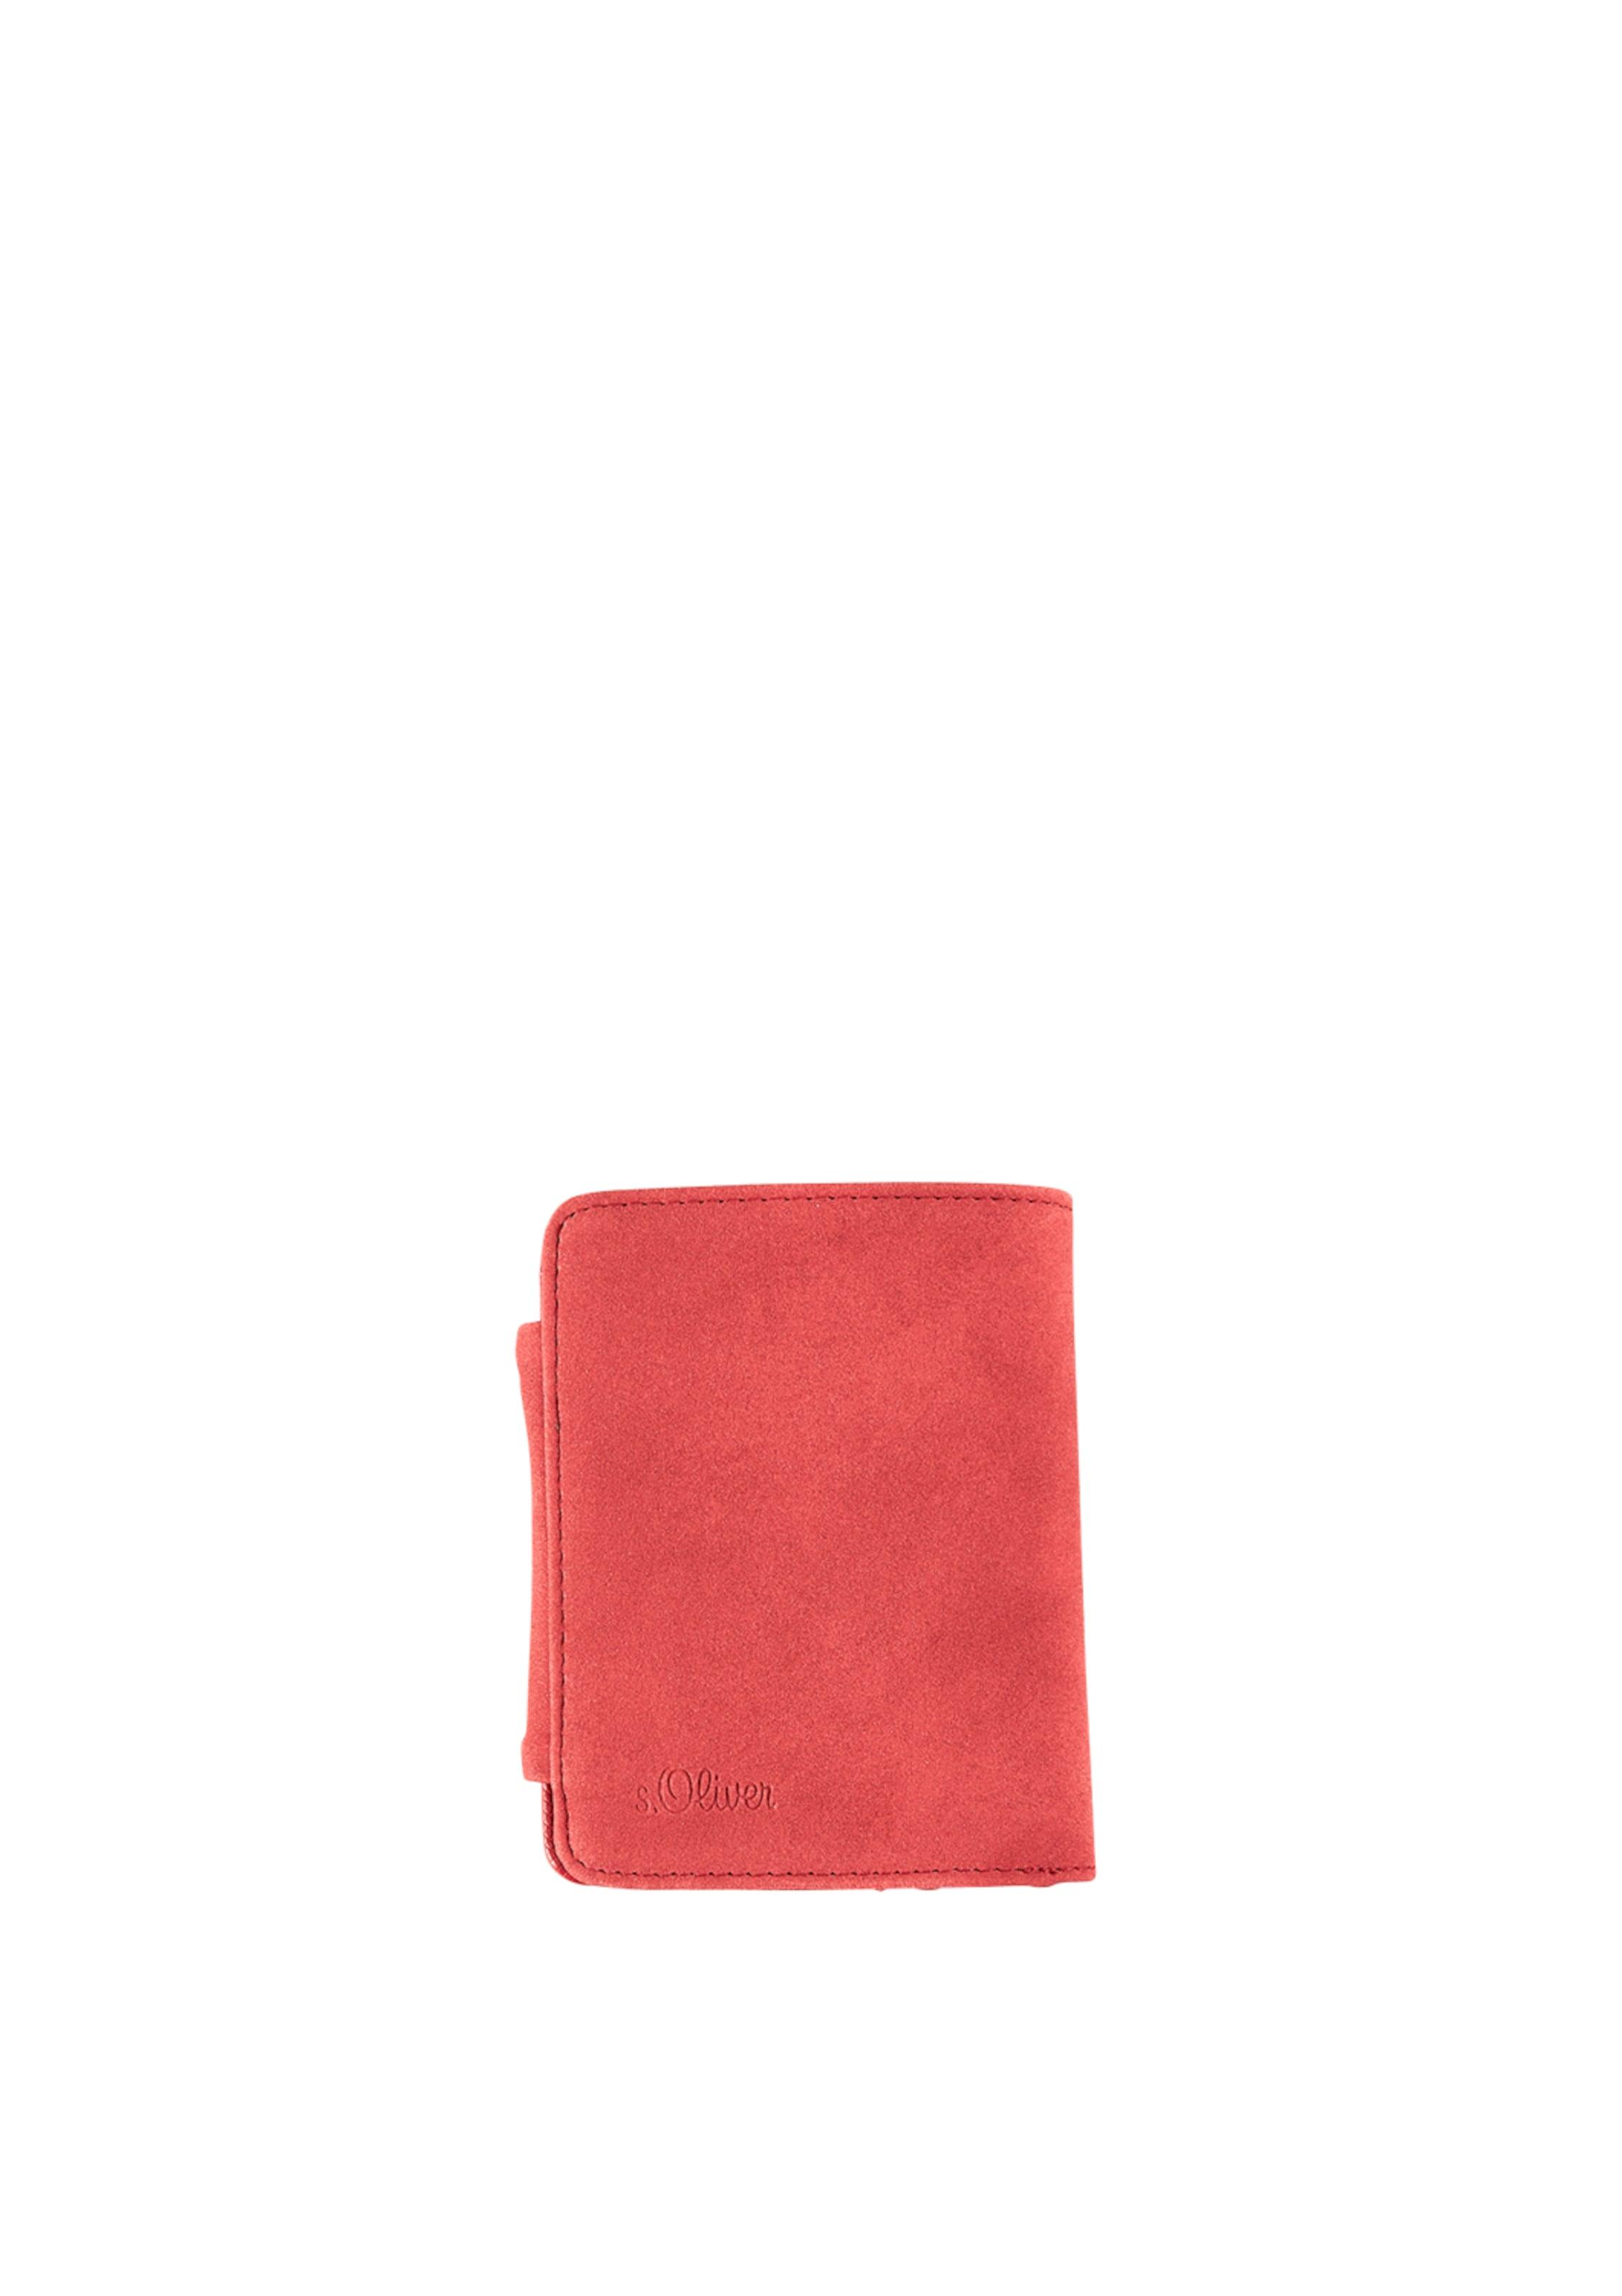 Angebote Günstig Online Günstiger Preis Versandkosten Für s.Oliver RED LABEL Portemonnaie mit Sternen-Applikation Finish Verkauf Online Limit Rabatt Rabatt Zum Verkauf HlXnDb8xoc